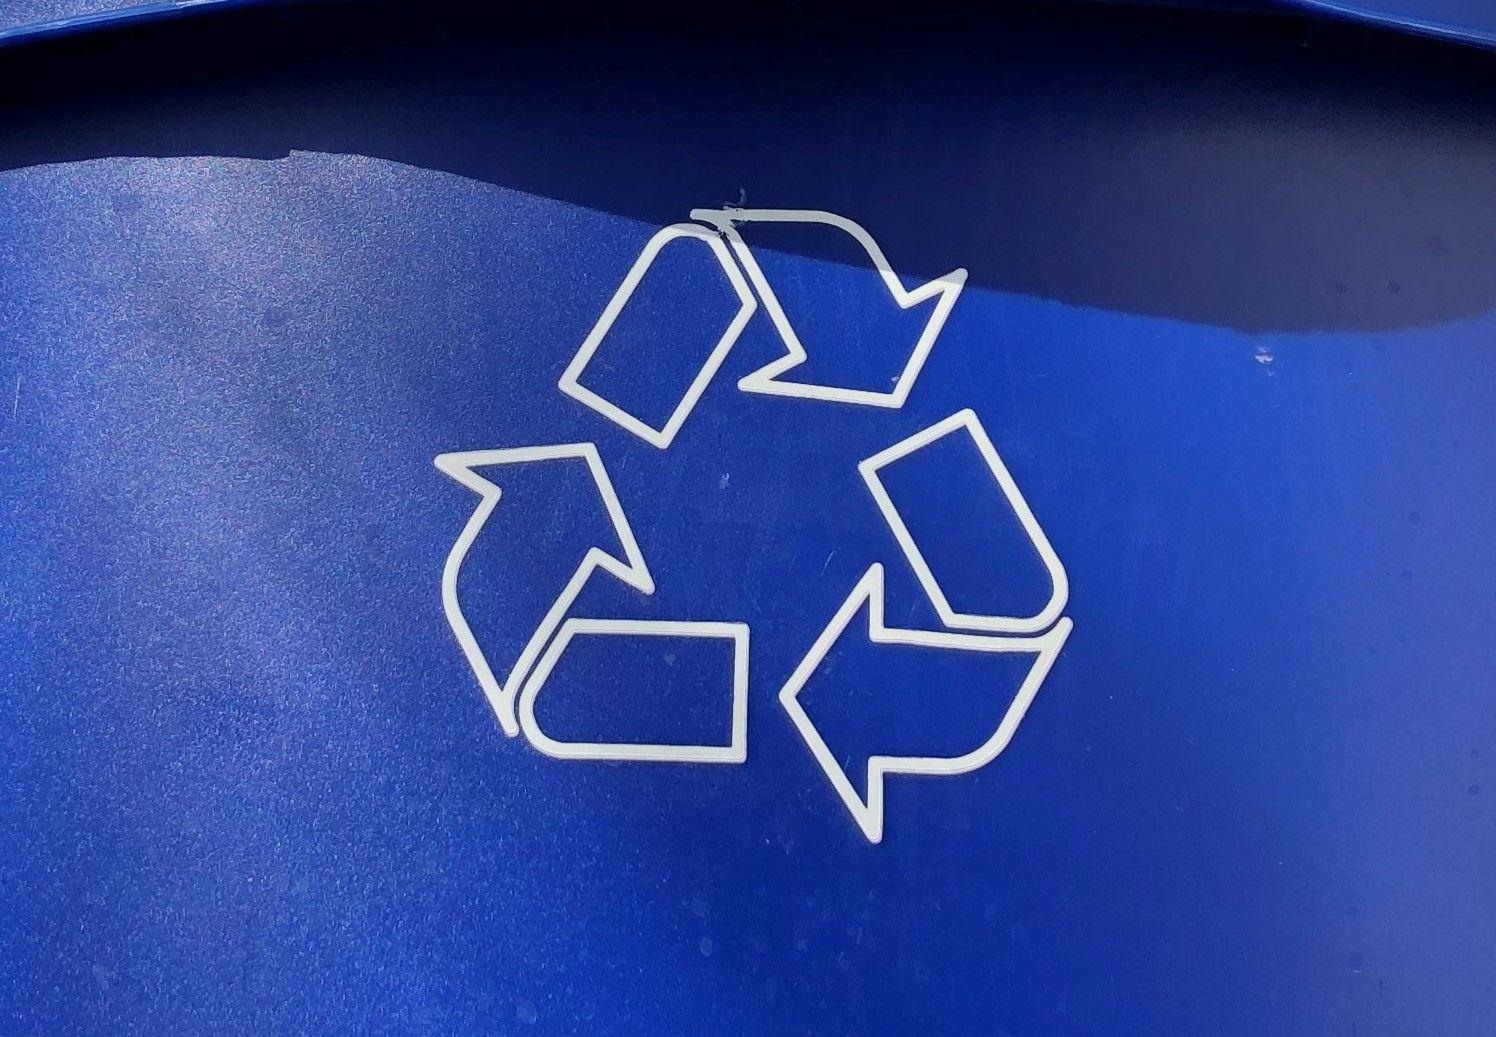 Recycling Bin Image